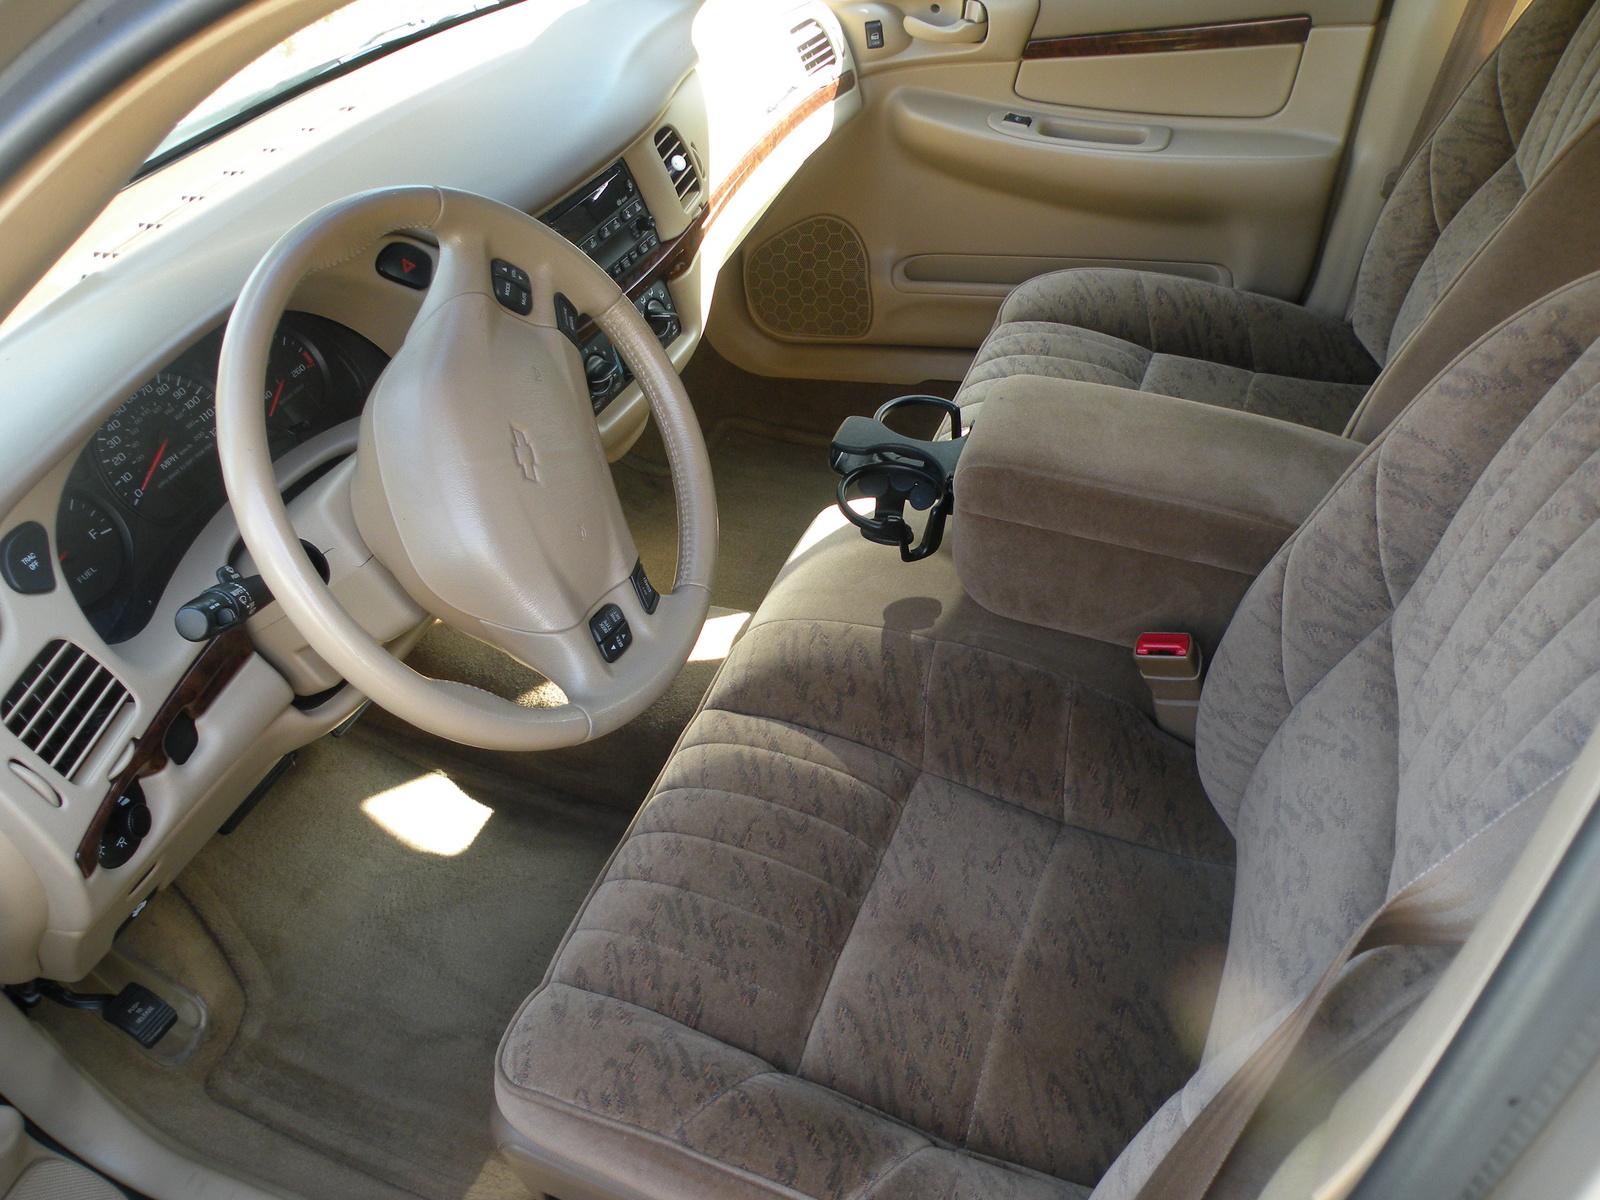 2001 Chevrolet Impala Interior Pictures Cargurus